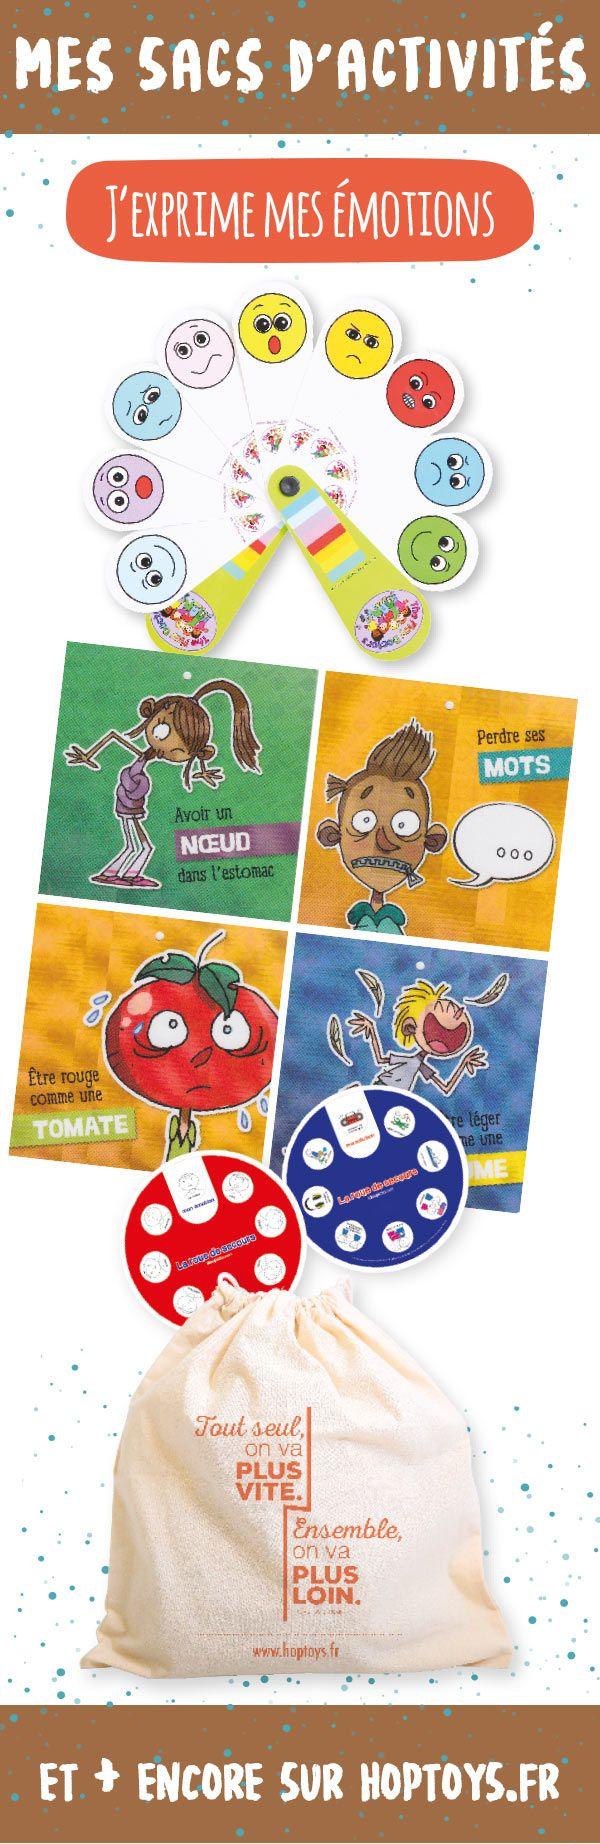 MON KIT J'EXPRIME MES EMOTIONS Ce kit est idéal pour permettre à l'enfant d'exprimer, de gérer ses émotions, et de trouver lui même une solution. Ce kit contient : sac en toile, éventail des émotions, Idéo roue de secours, cartons des sensations physiques